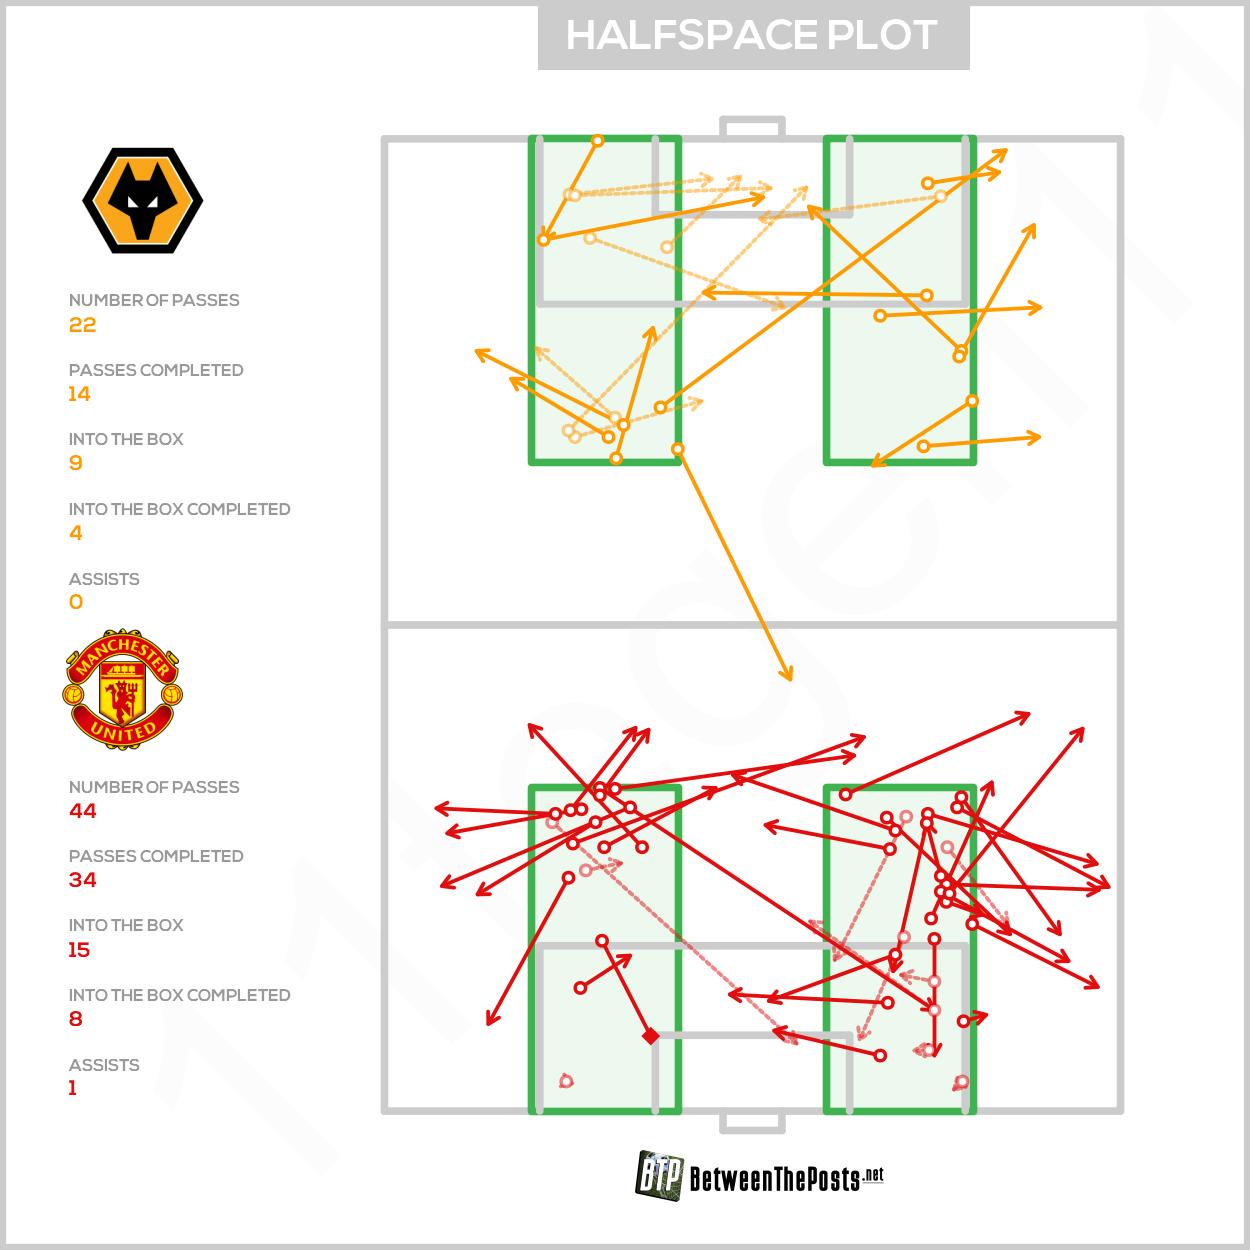 Halfspace passmap Wolverhampton Wanderers Manchester United 1-1 Premier League